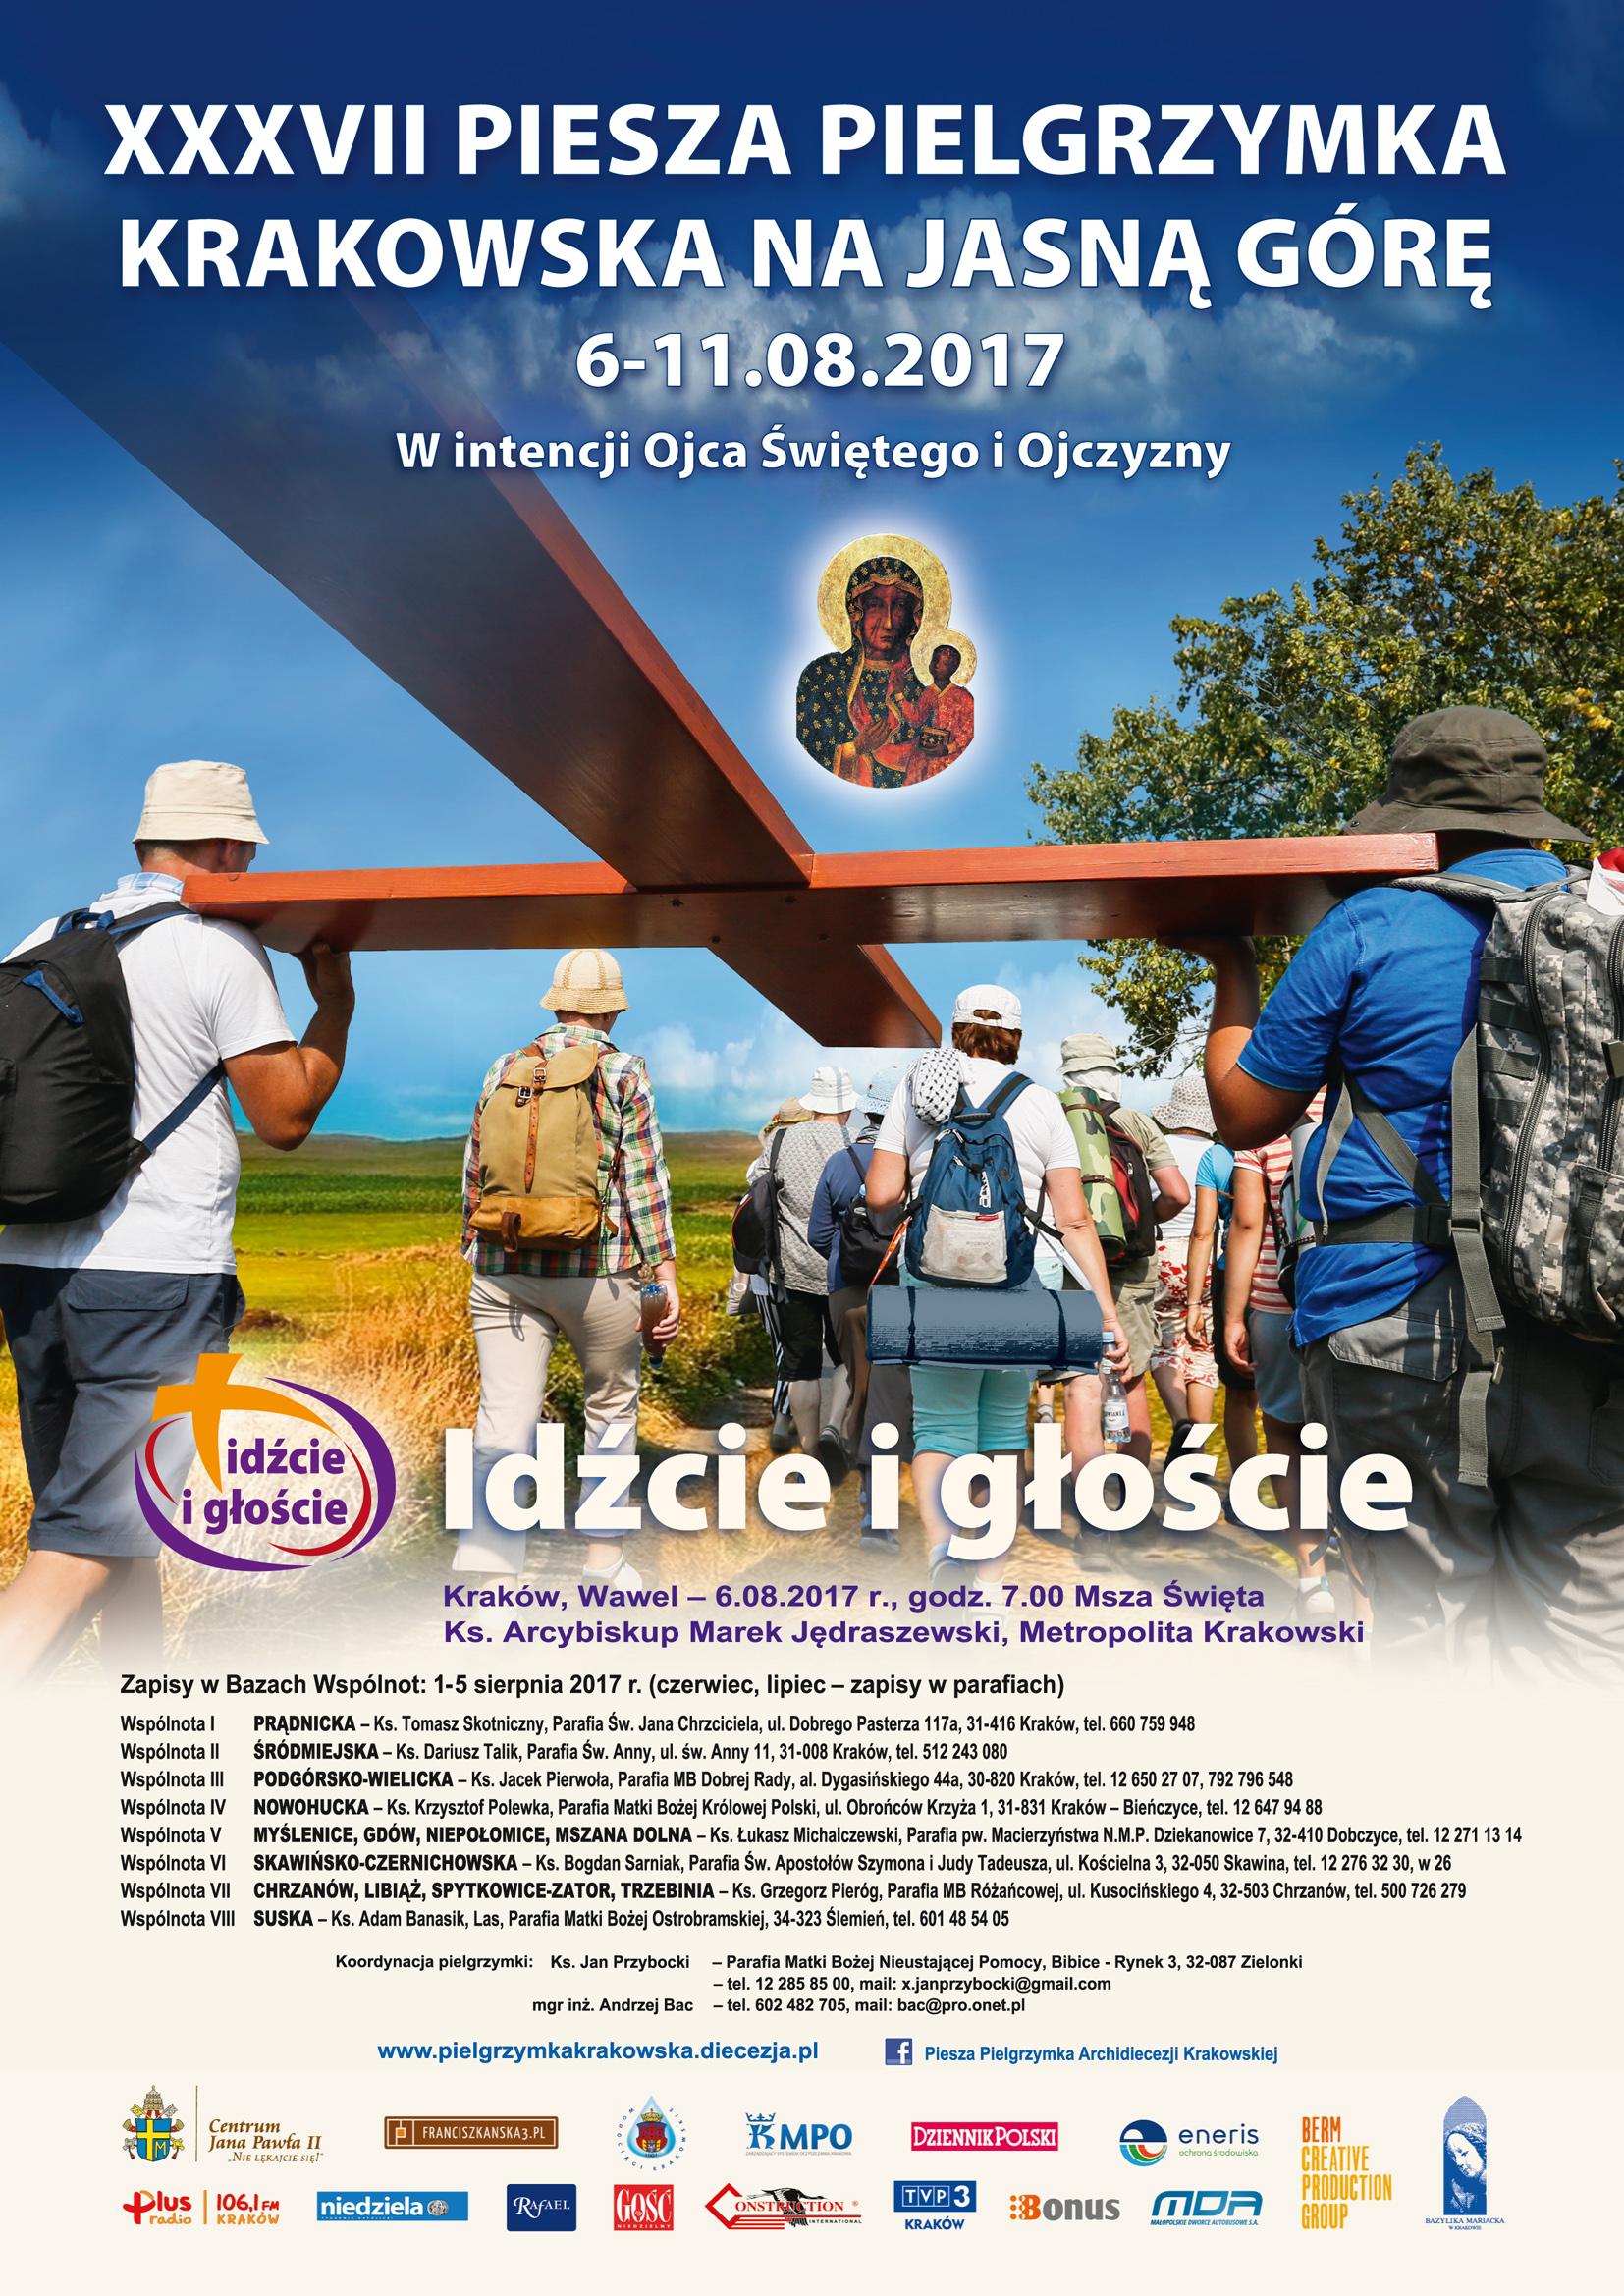 Plakat XXXVII Pieszej Pielgrzymki Krakowskiej na Jasną Górę